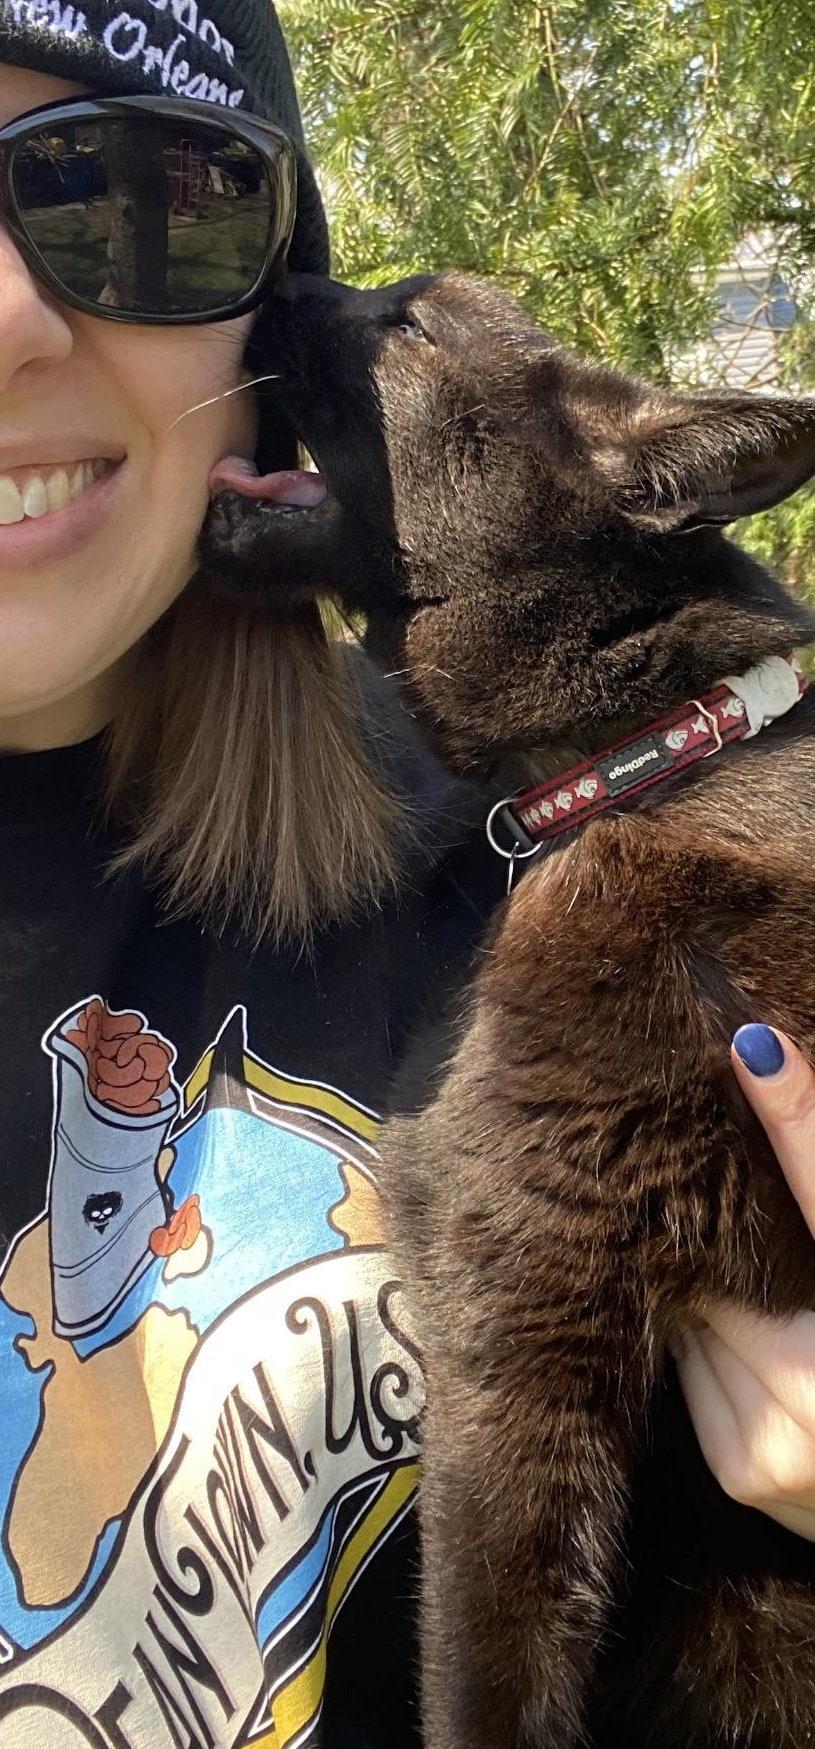 17 смешных фото с питомцами, которые доказывают, что сделать милое селфи с любимцем — невыполнимая миссия